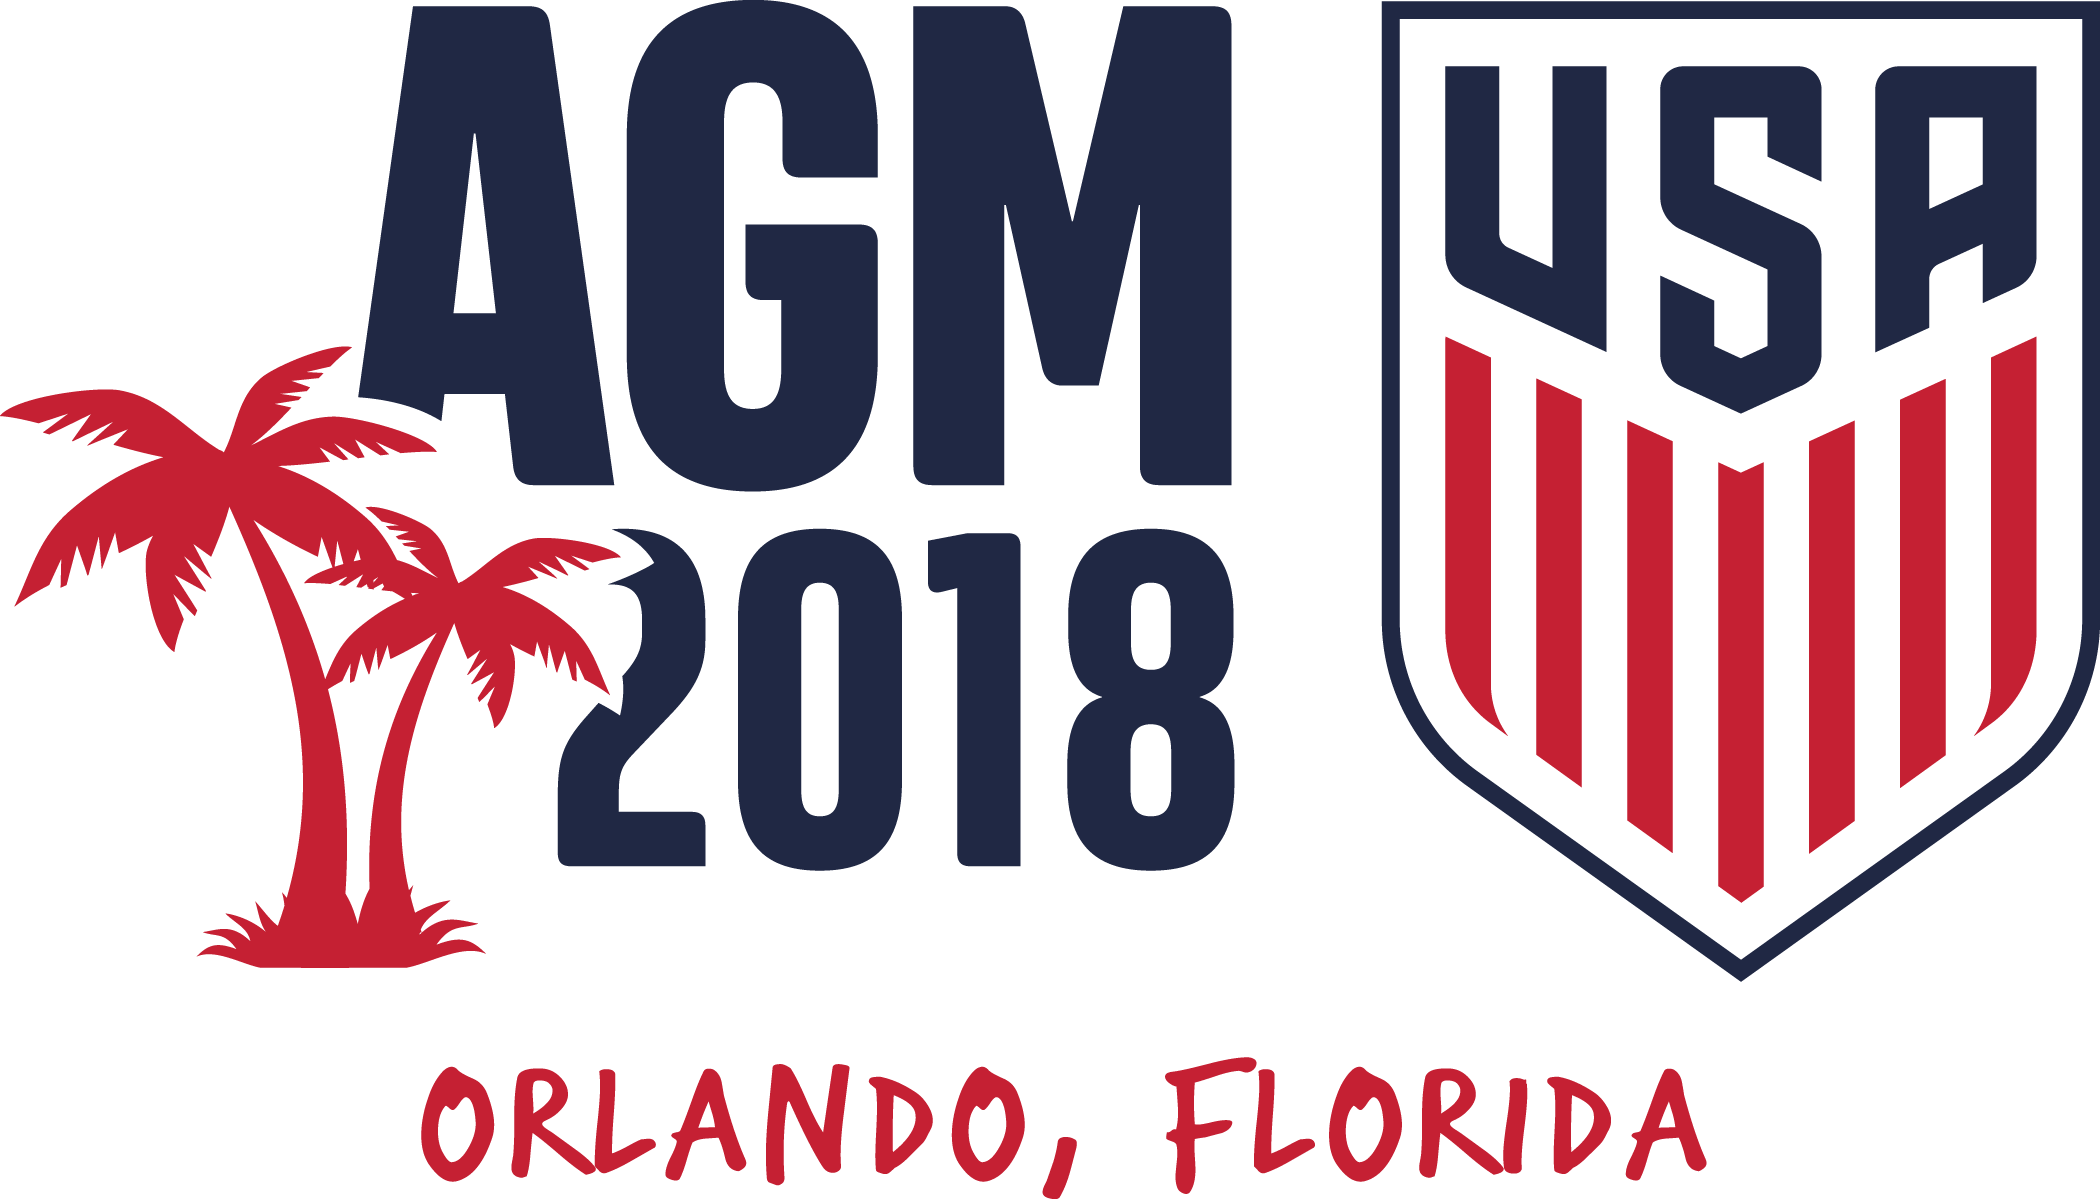 2018 AGM Orlando